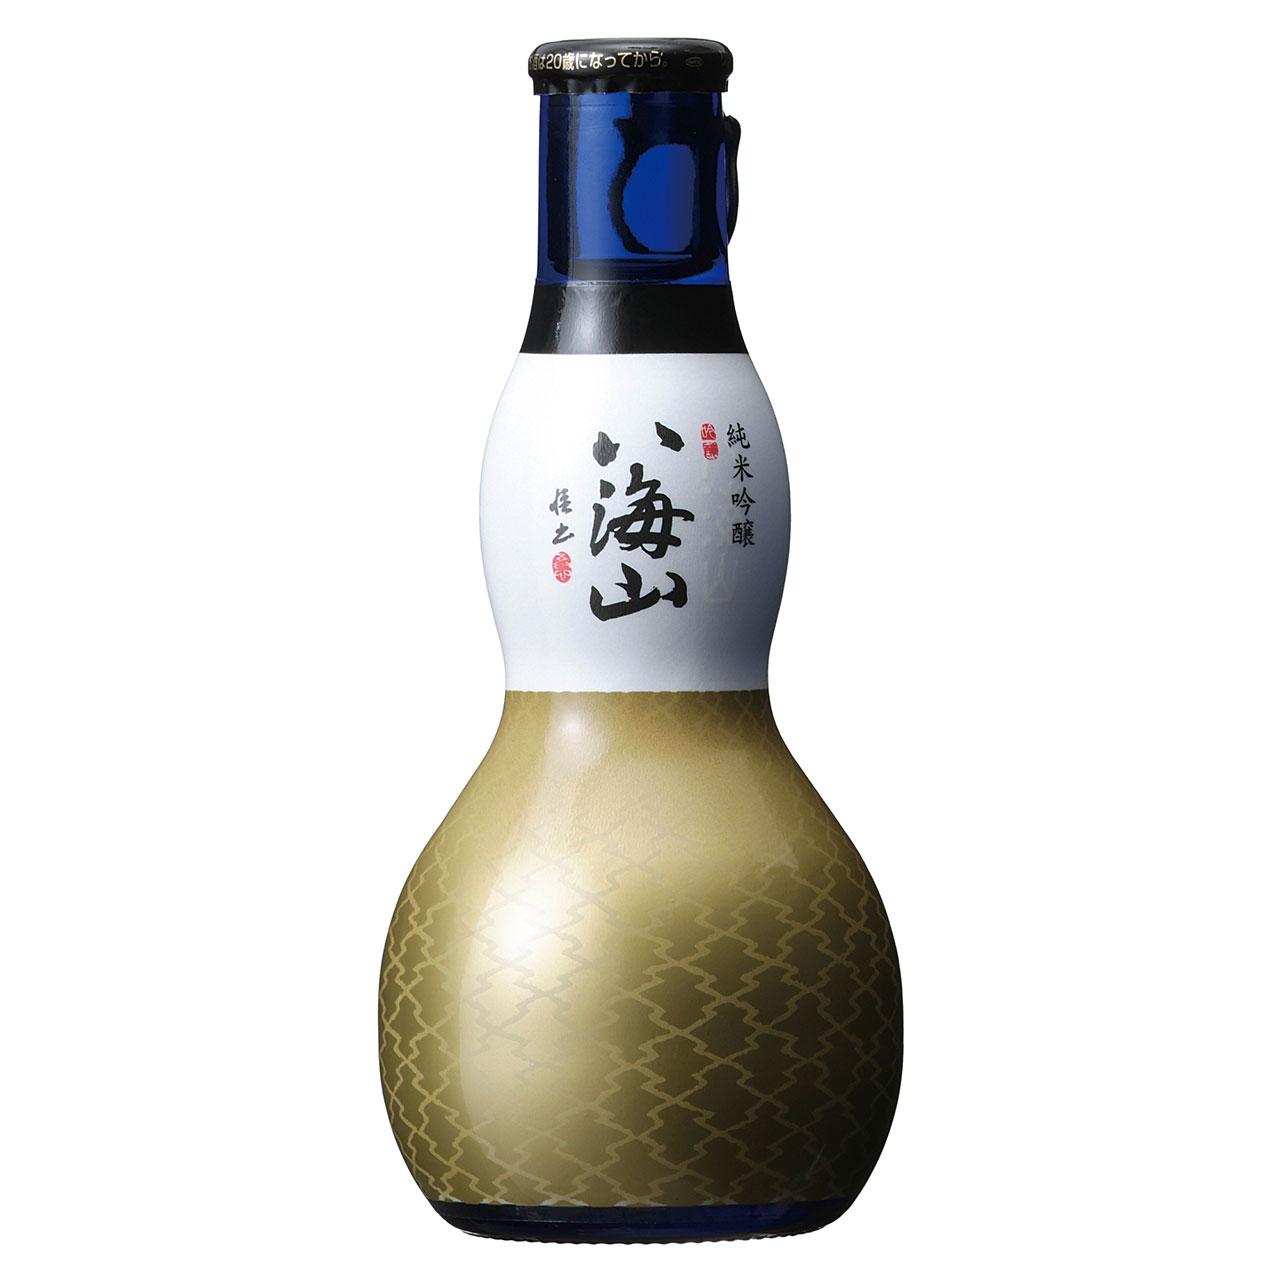 【お年賀 ギフト】八海山(はっかいさん) 純米吟醸 180ml ひょうたん瓶 ケース販売12本入 新潟県 八海山 日本酒